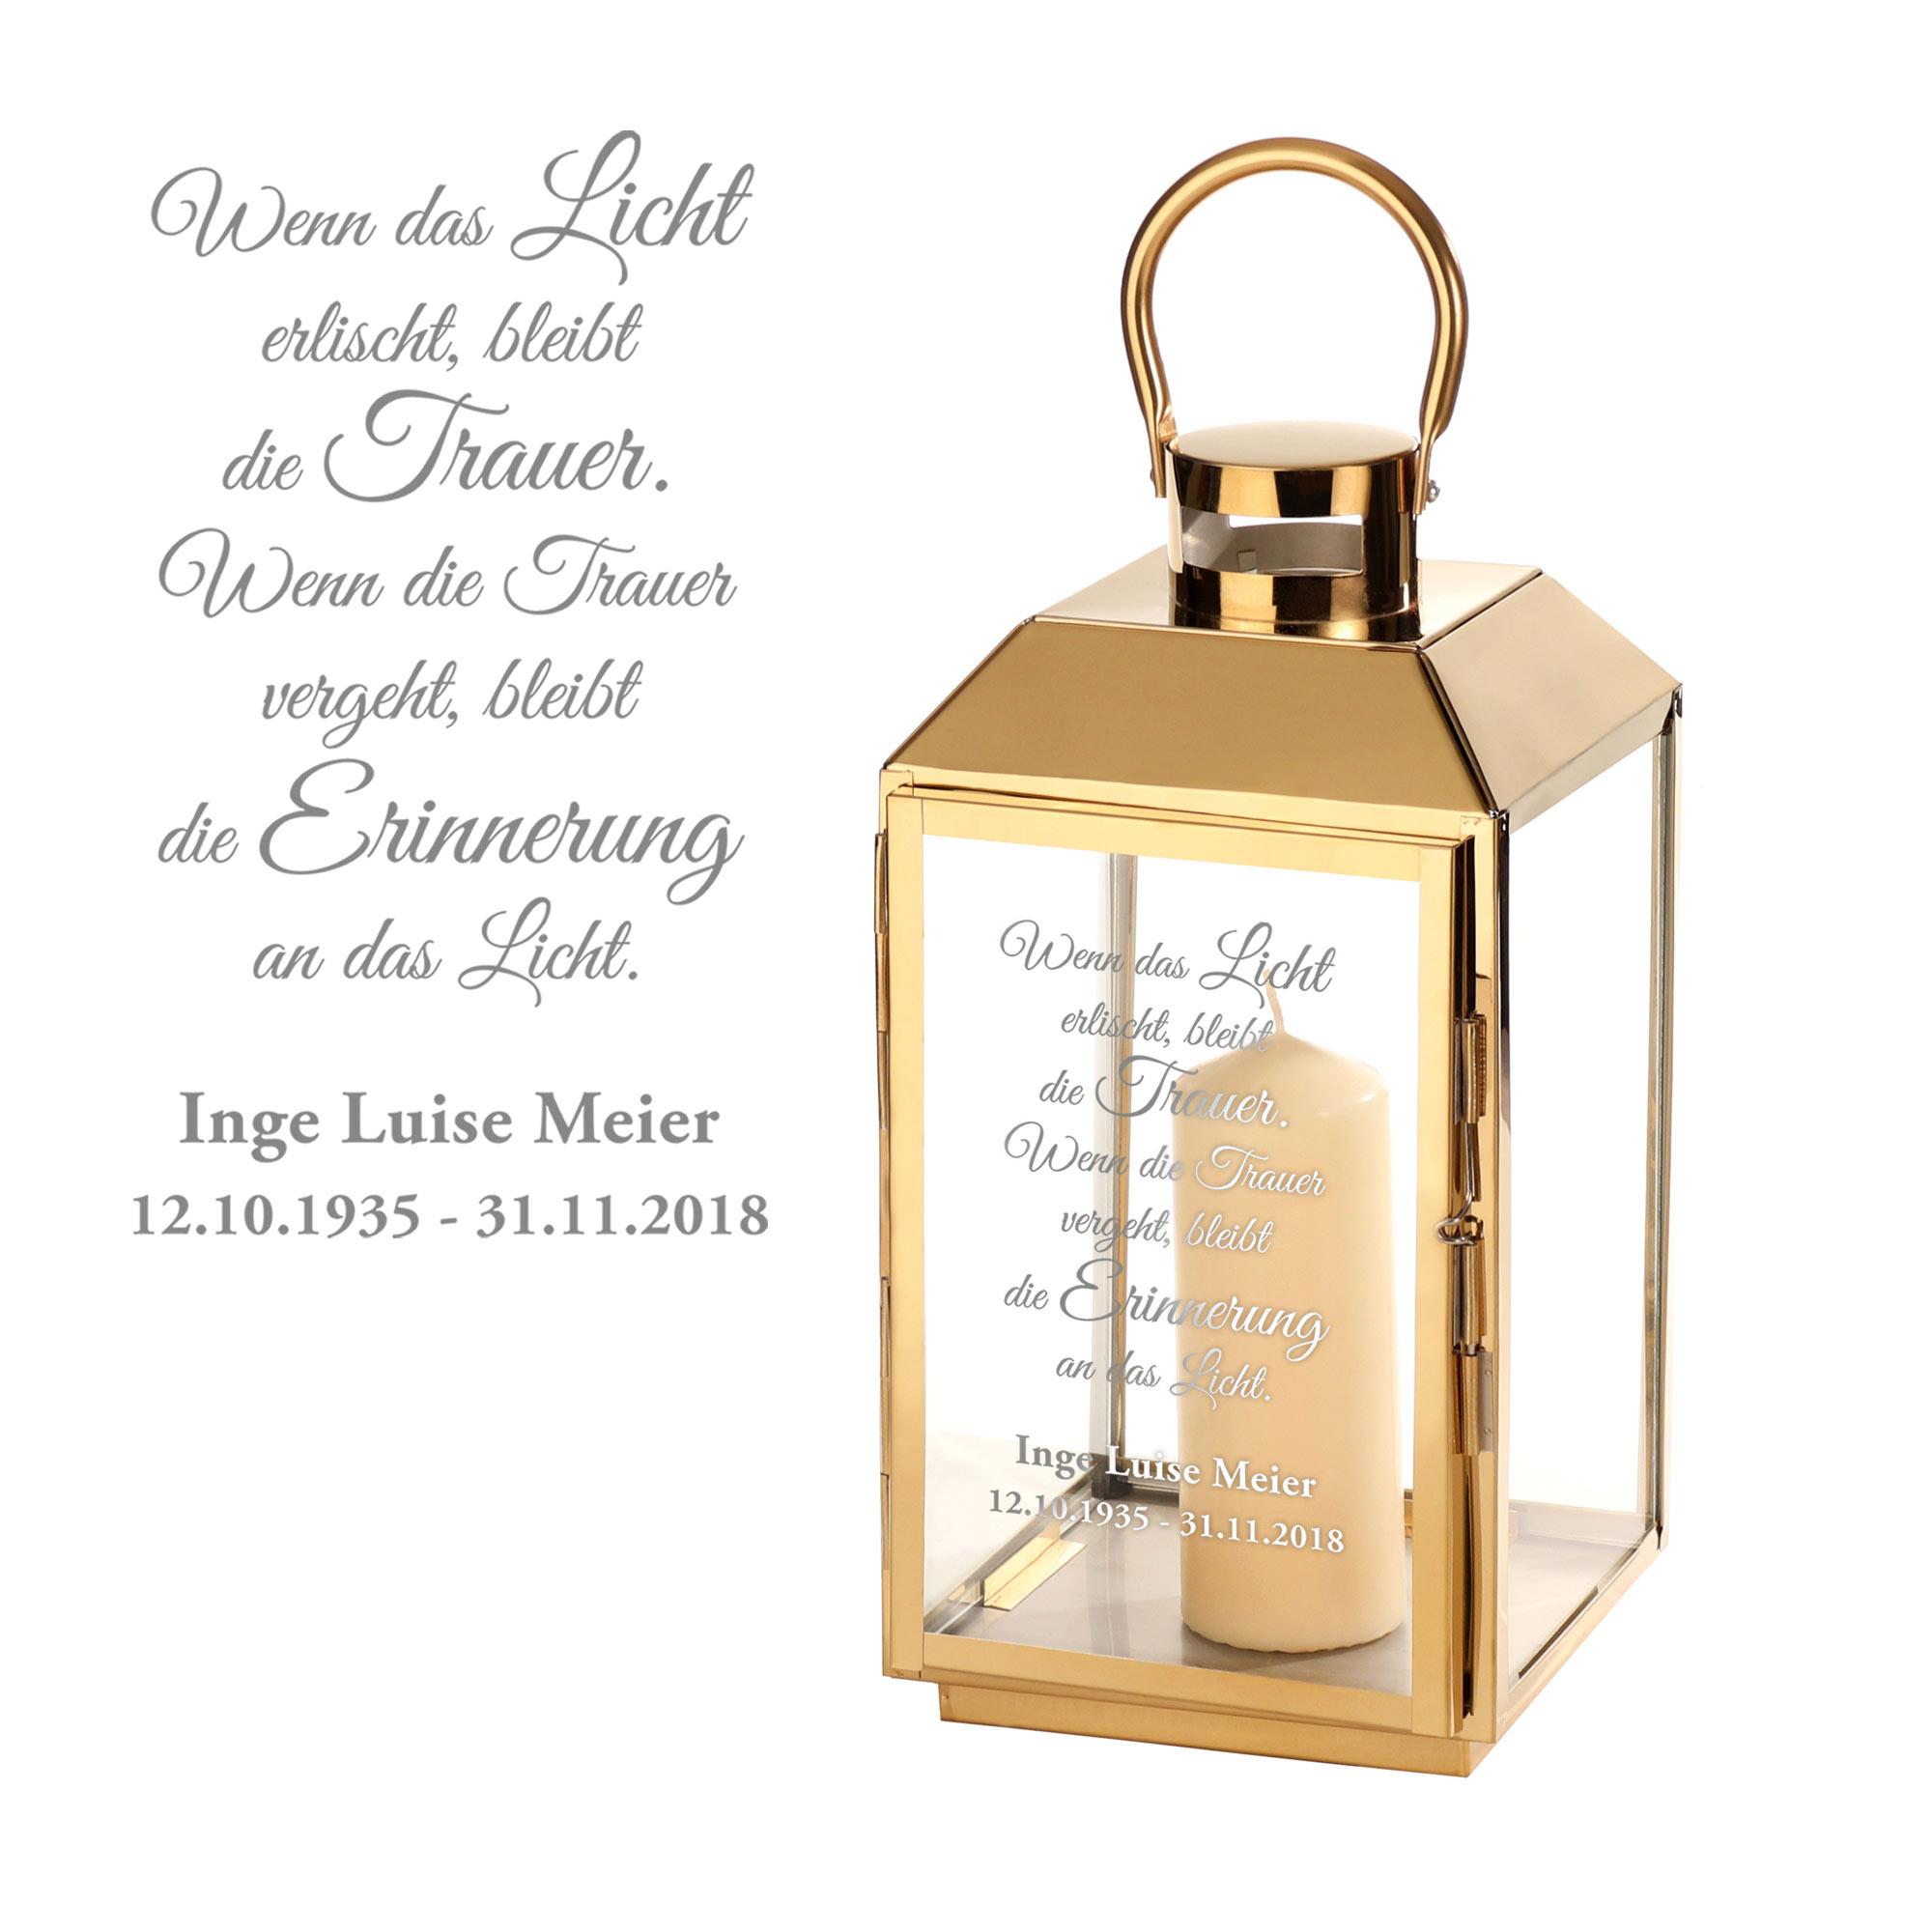 Laterne aus Edelstahl - Graviert mit Trauer Spruch - Personalisiert